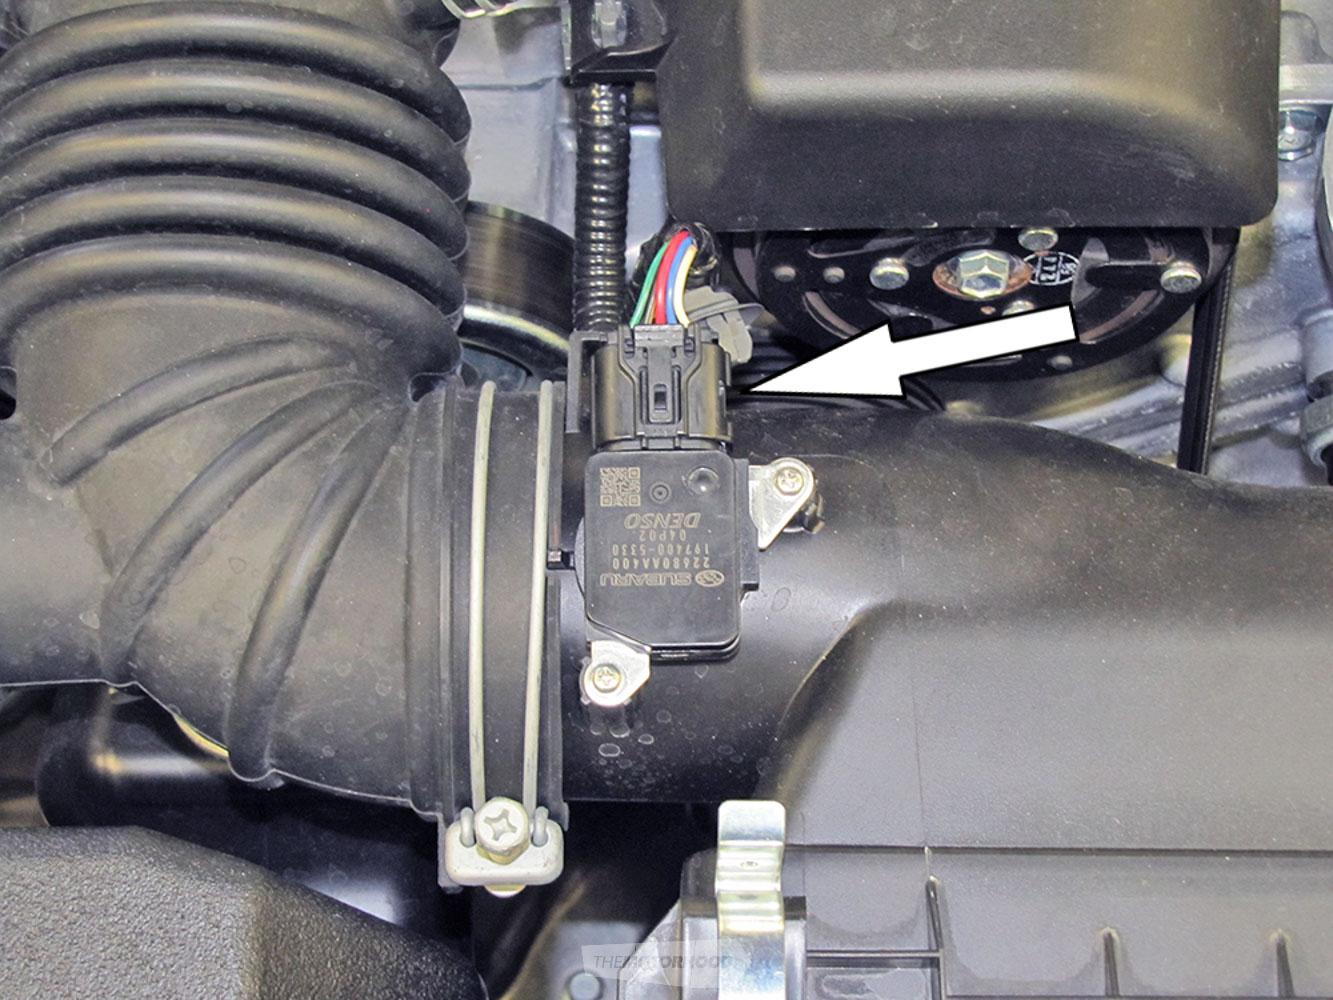 Weekend workshop: Installing a Toyota 86 (or Subaru BRZ) K&N Typhoon